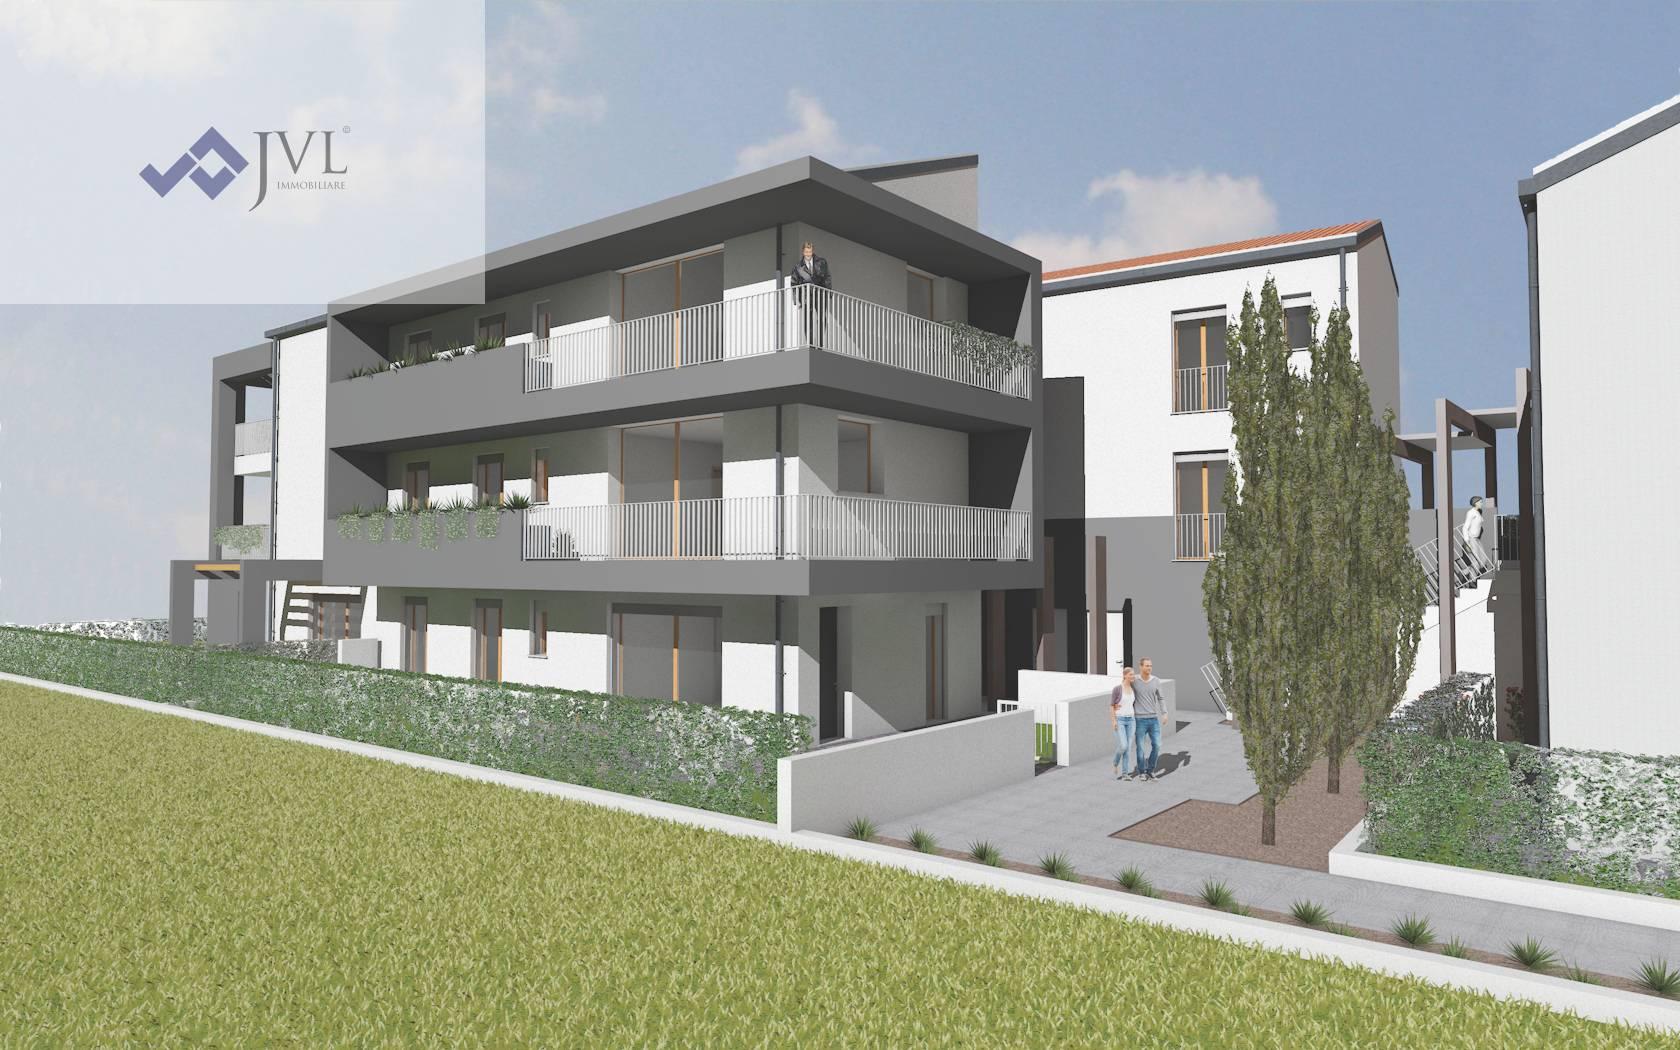 Appartamento in vendita a San Donà di Piave, 3 locali, zona Località: MussettadiSopra, prezzo € 165.000 | CambioCasa.it